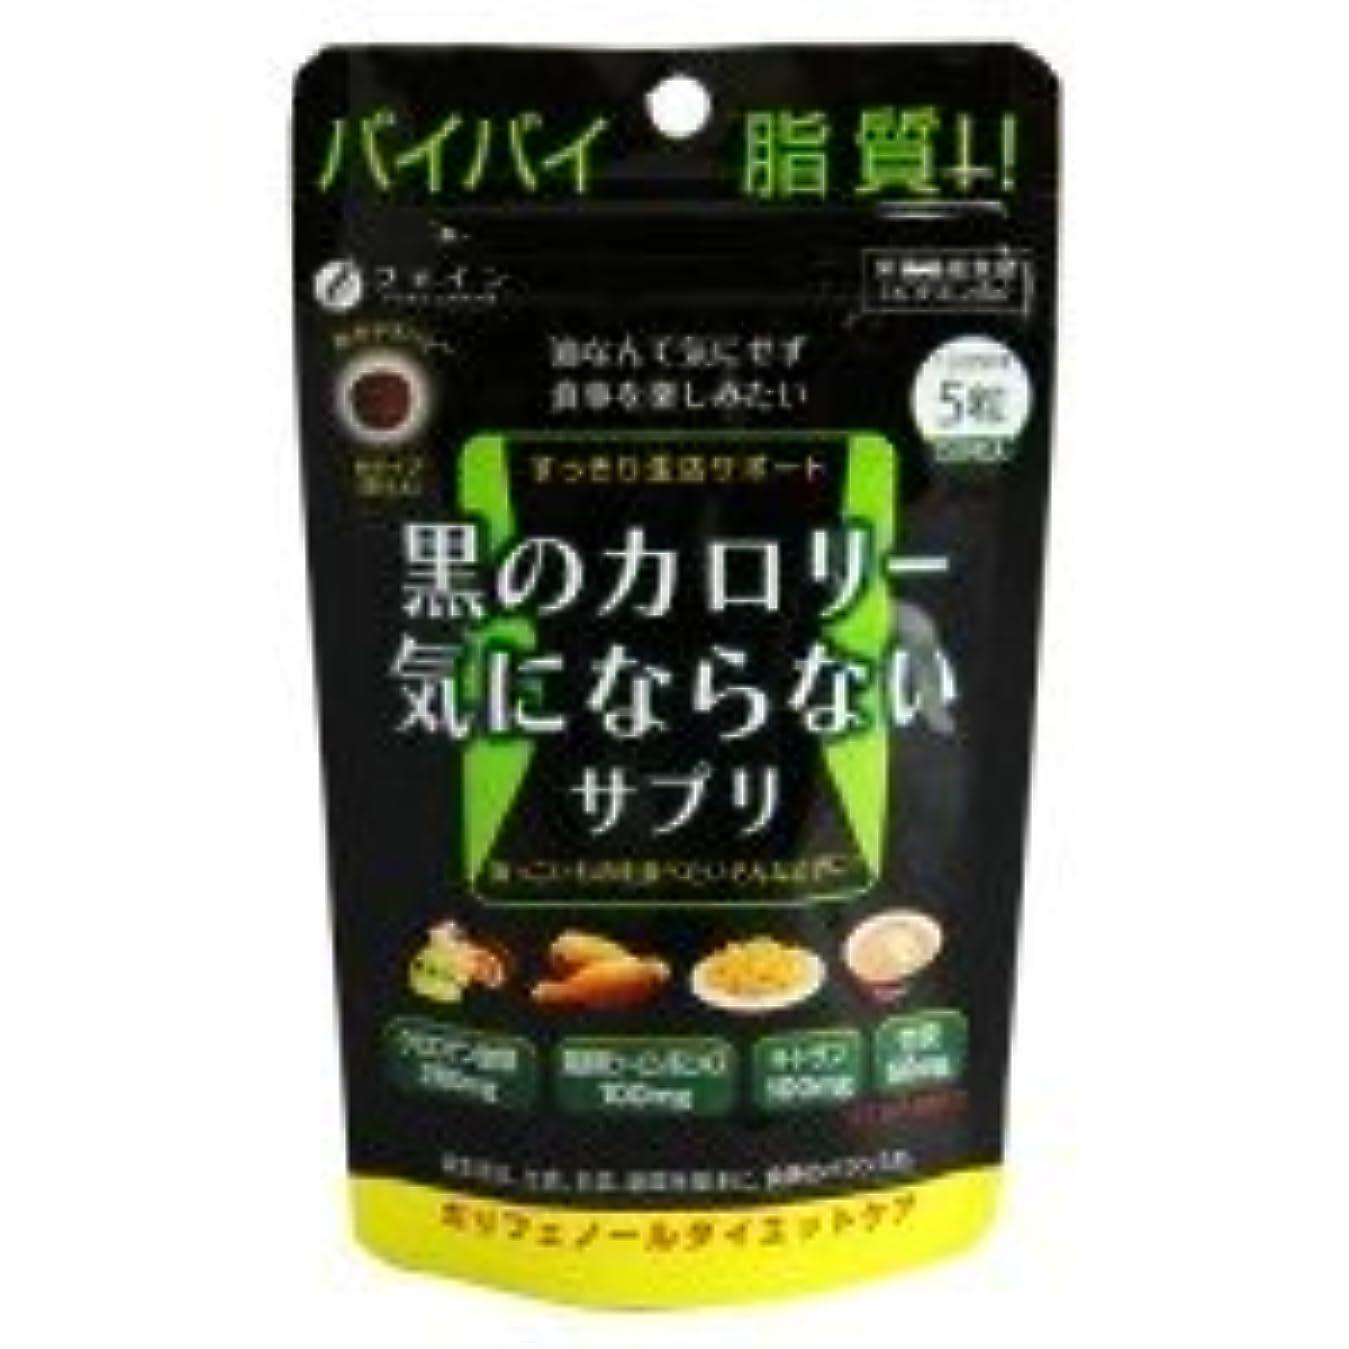 除去リビングルーム認識ファイン 黒のカロリー気にならない 栄養機能食品(ビタミンB6) 30g(200mg×150粒)